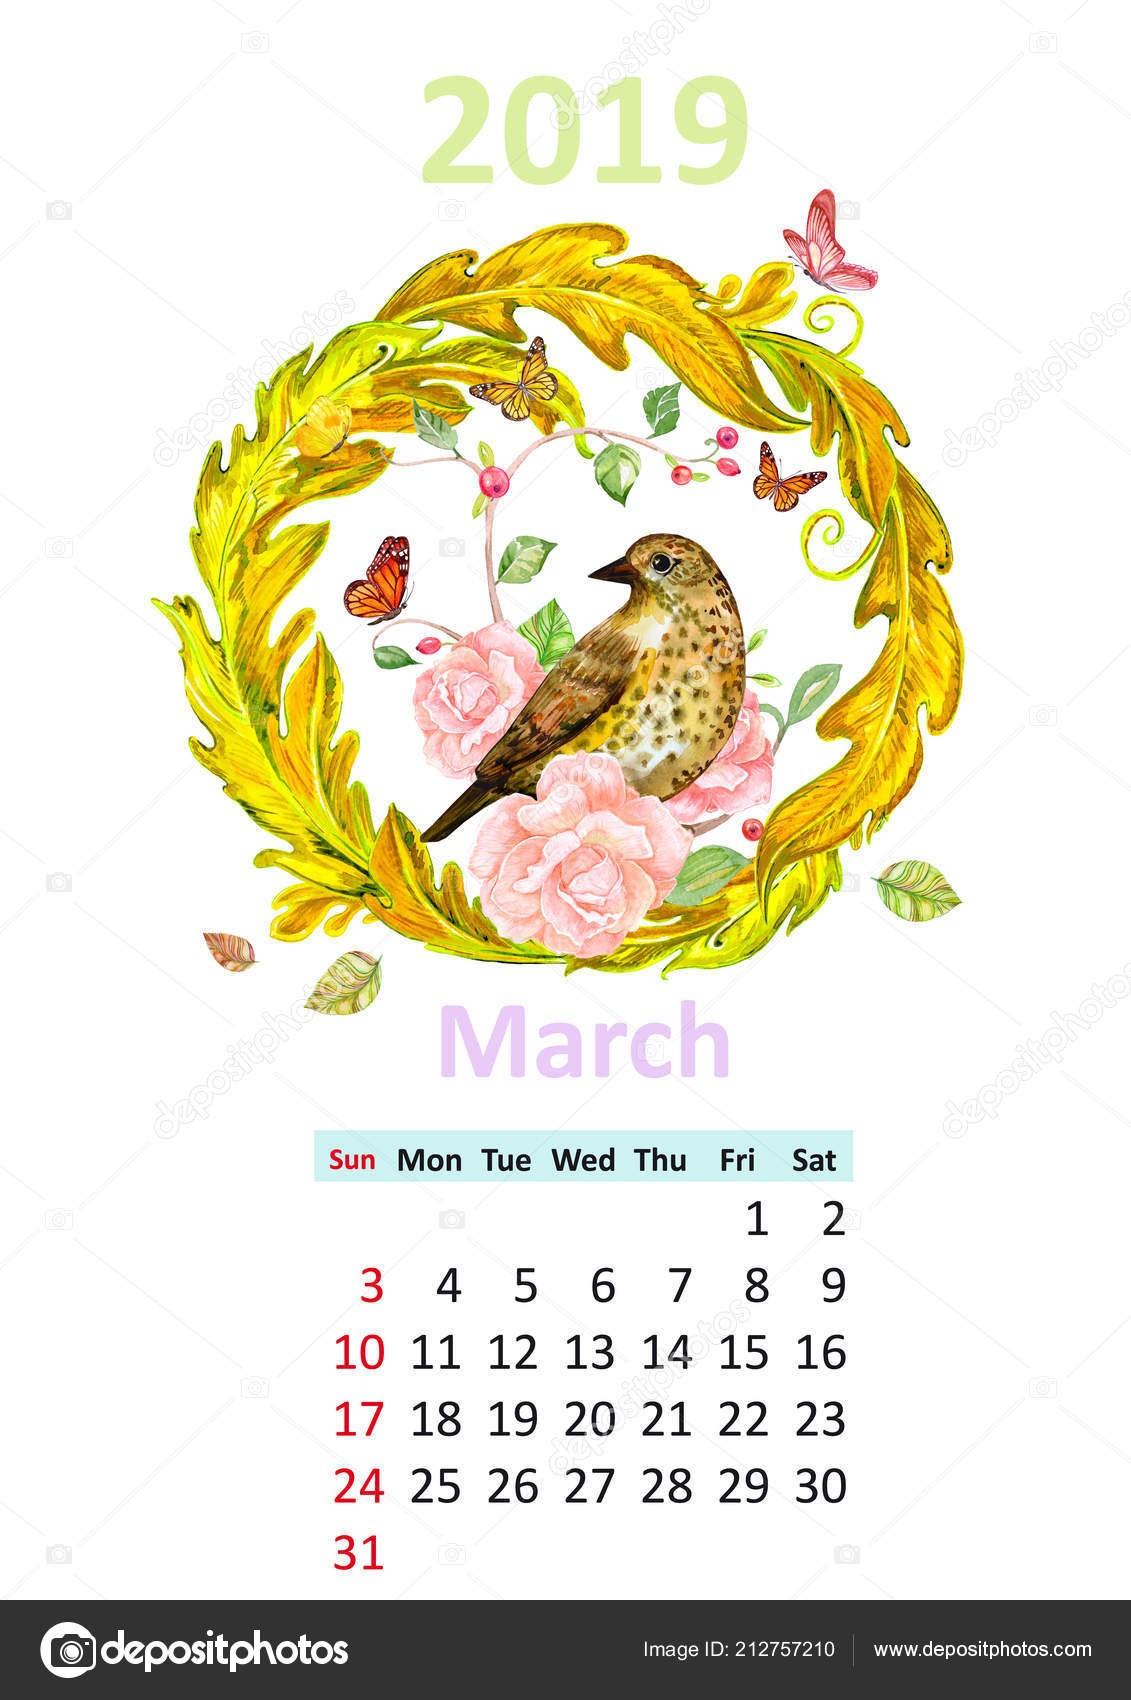 Romantyczny Kwiatowy Kalendarz Marca 2019 Ptakiem — Zdjęcie stockowe